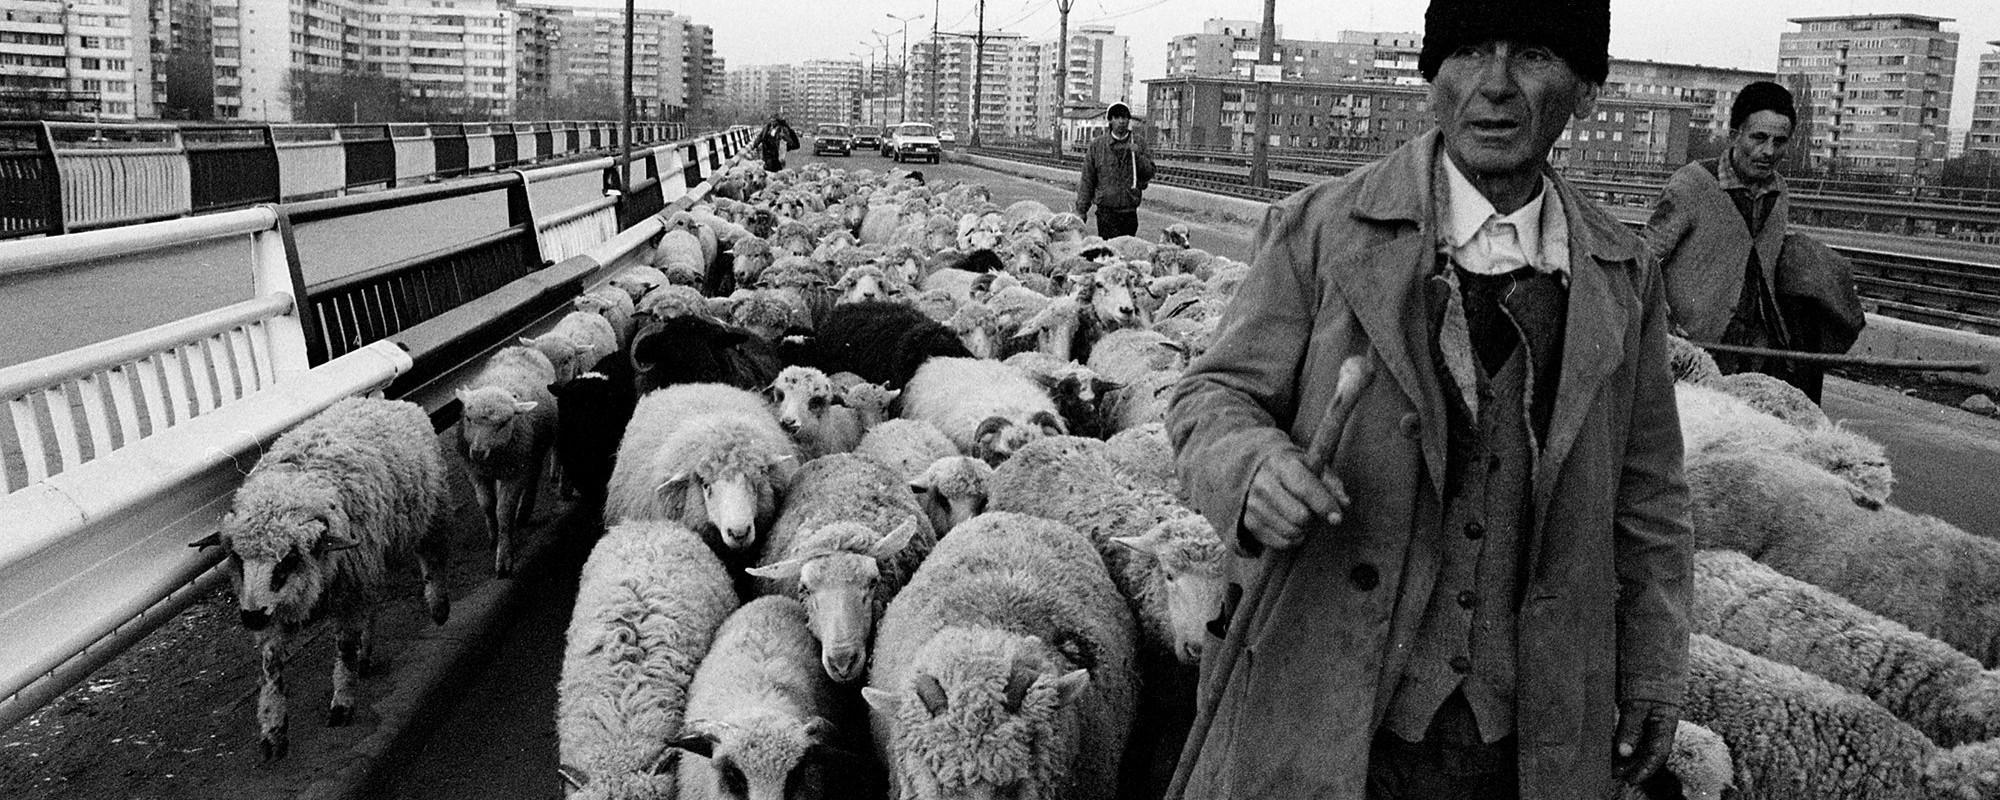 Fotografiile astea îți arată Bucureștiul din anii 90, când oile se plimbau libere pe Podul Grant